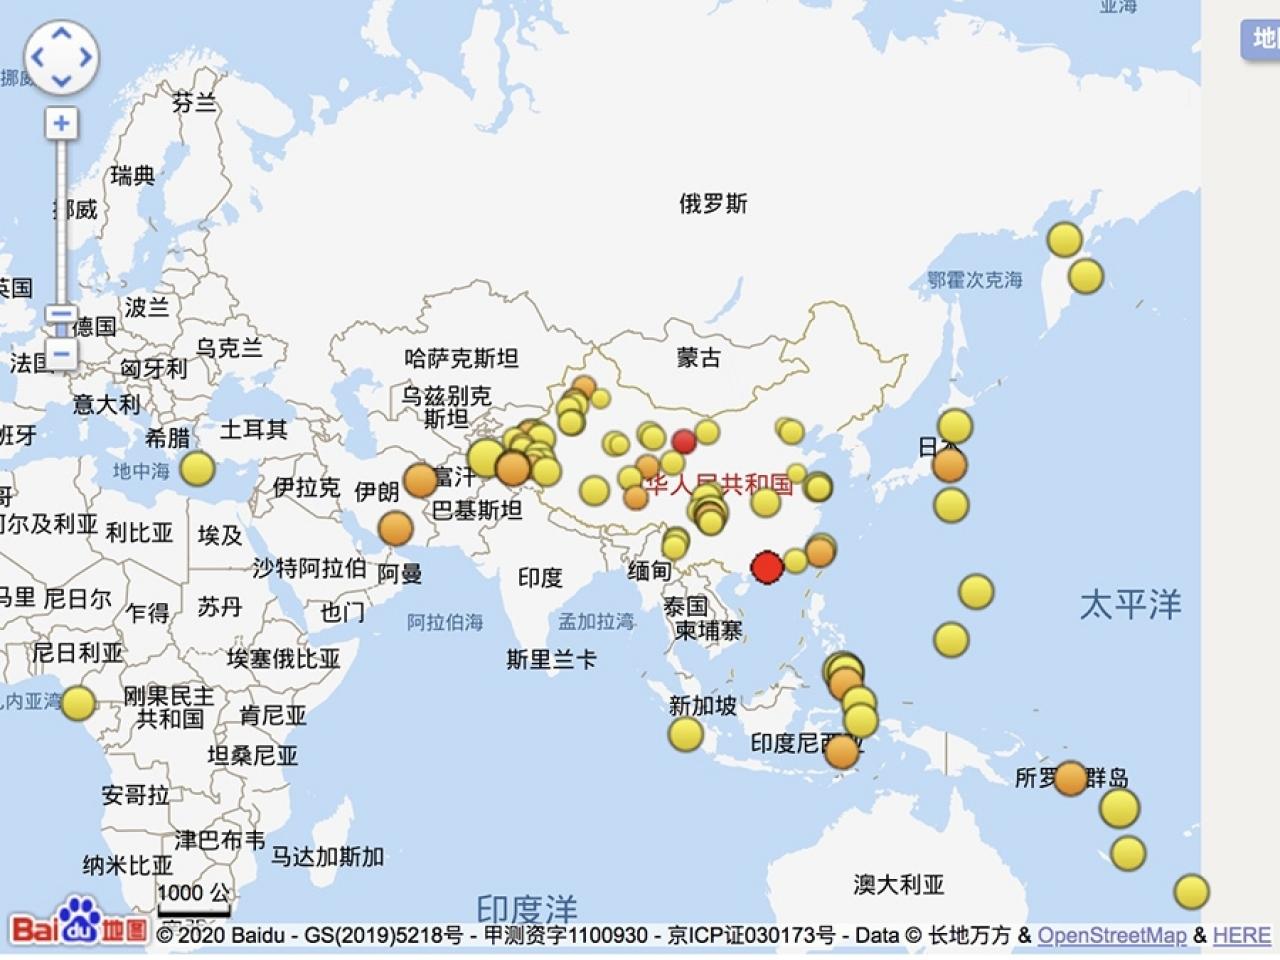 本港今日(5日)早上6時55分發生芮氏規模3.4地震,為40年來強度最強的一次。本港天文台表示,接獲逾1200名市民報告感震動。(rthk)